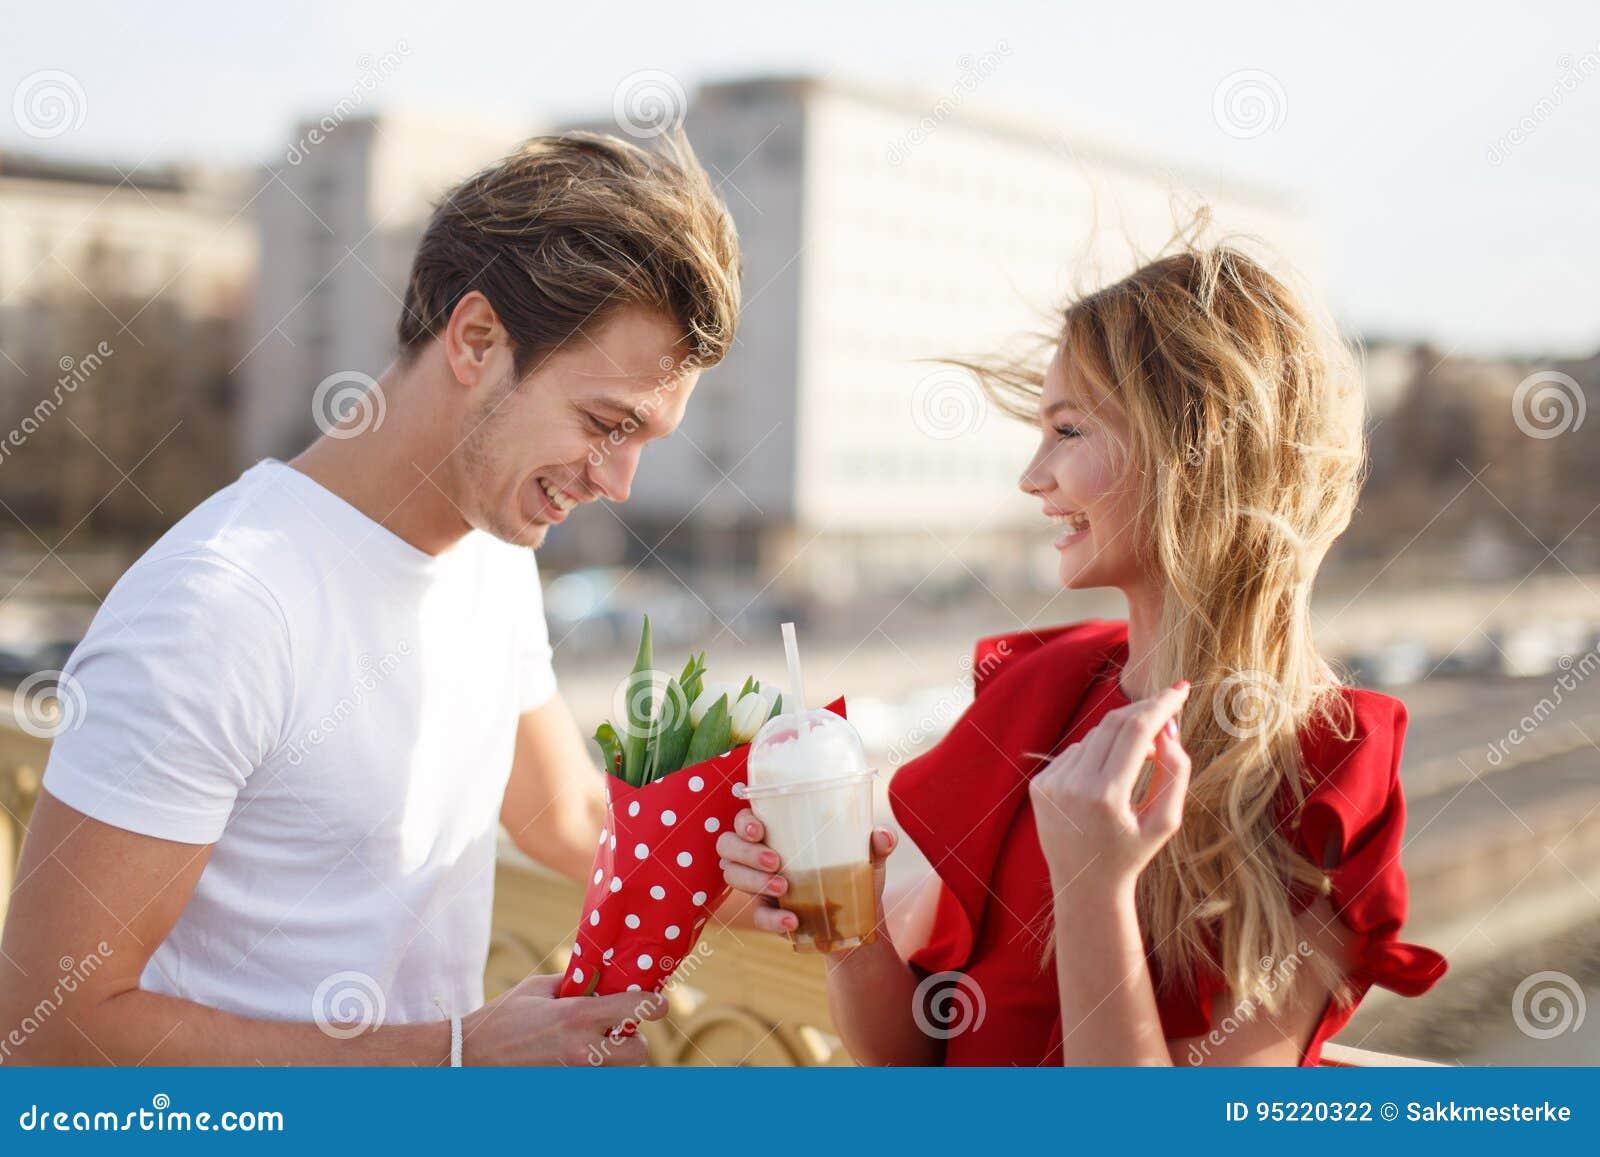 kvinnor dating yngre män